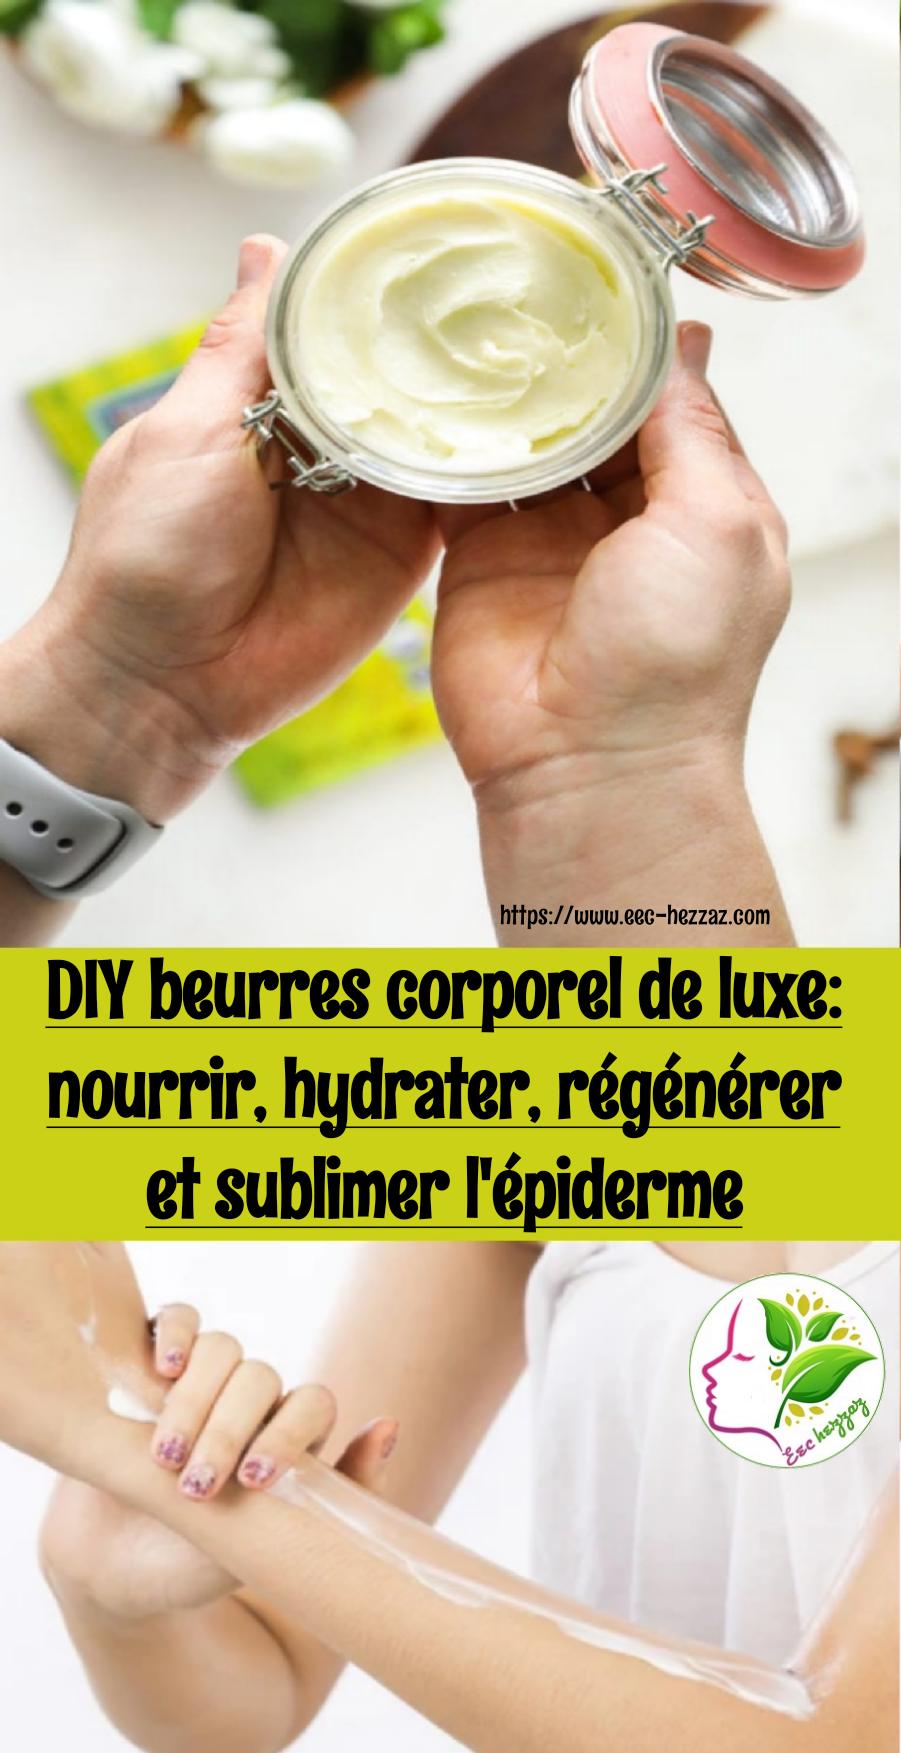 DIY beurres corporel de luxe: nourrir, hydrater, régénérer et sublimer l'épiderme